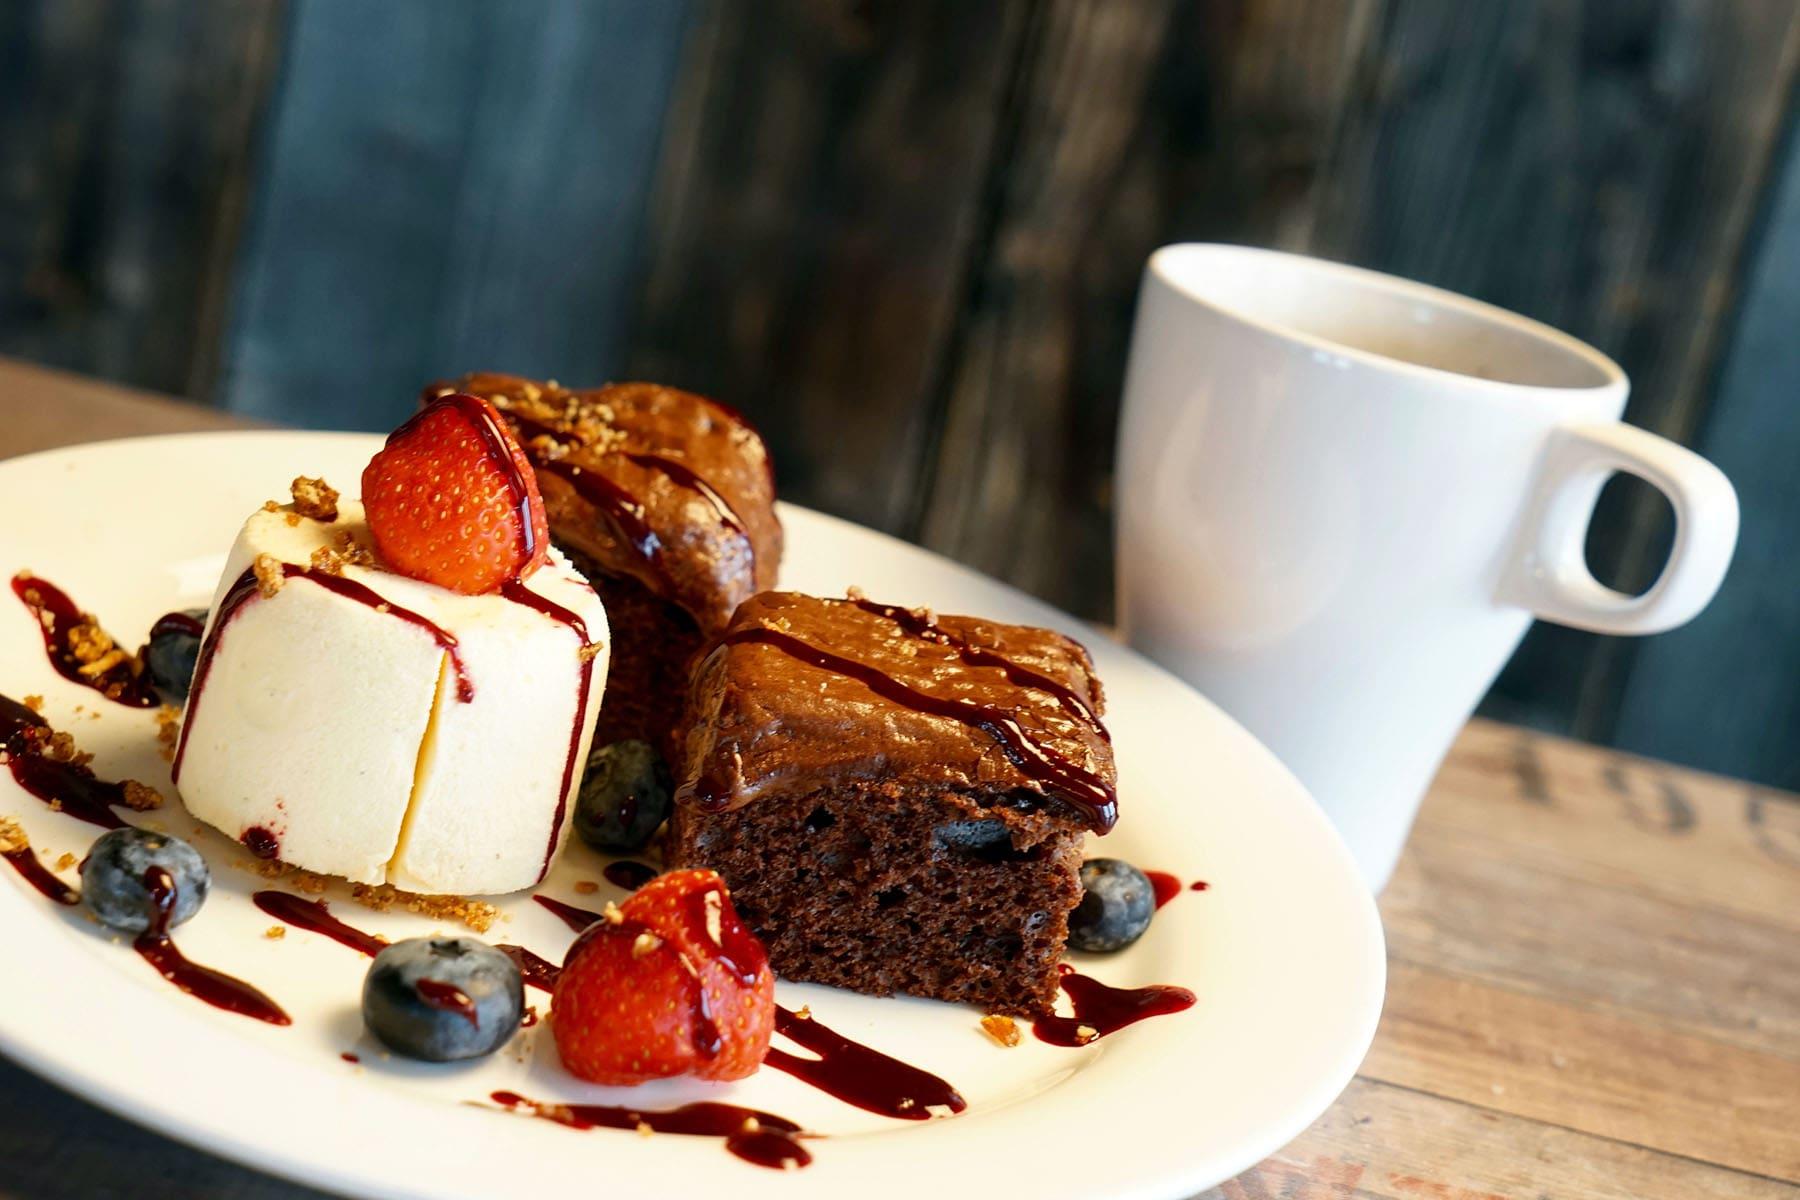 laaven-bar-dessert-DSC05122_1800x1200-min